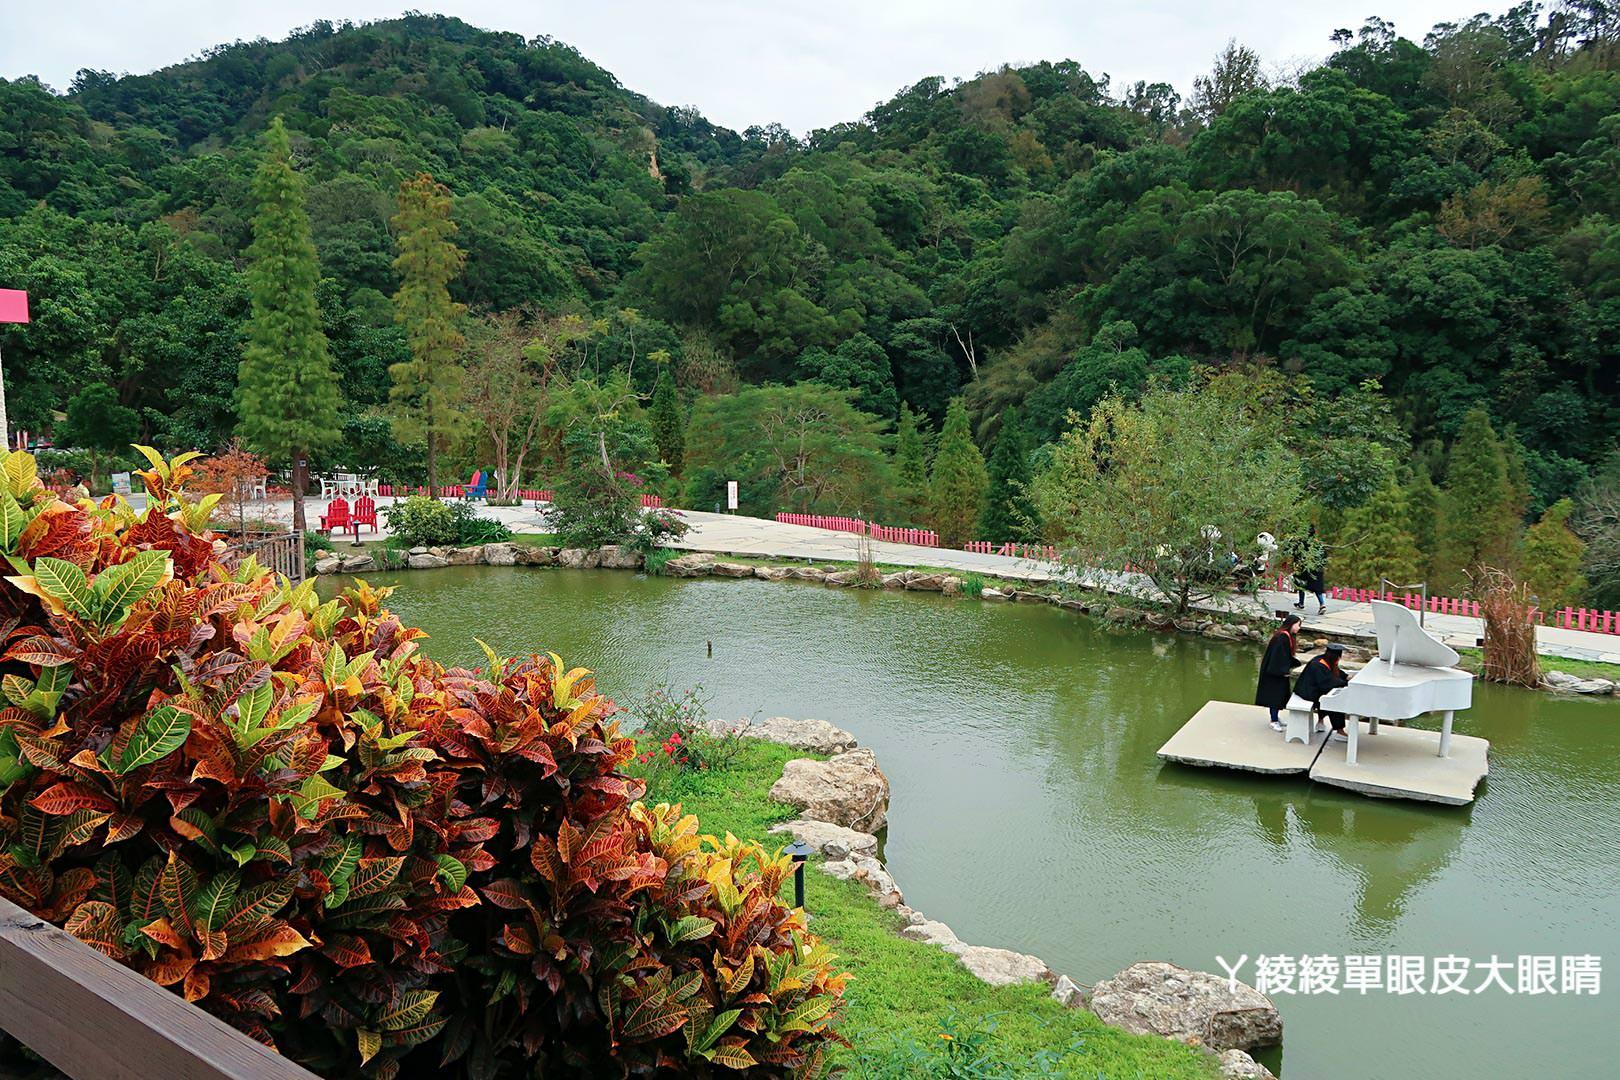 新竹旅遊景點心鮮森林八月份起暫停對外開放!放假來遊玩的旅客們注意別撲空